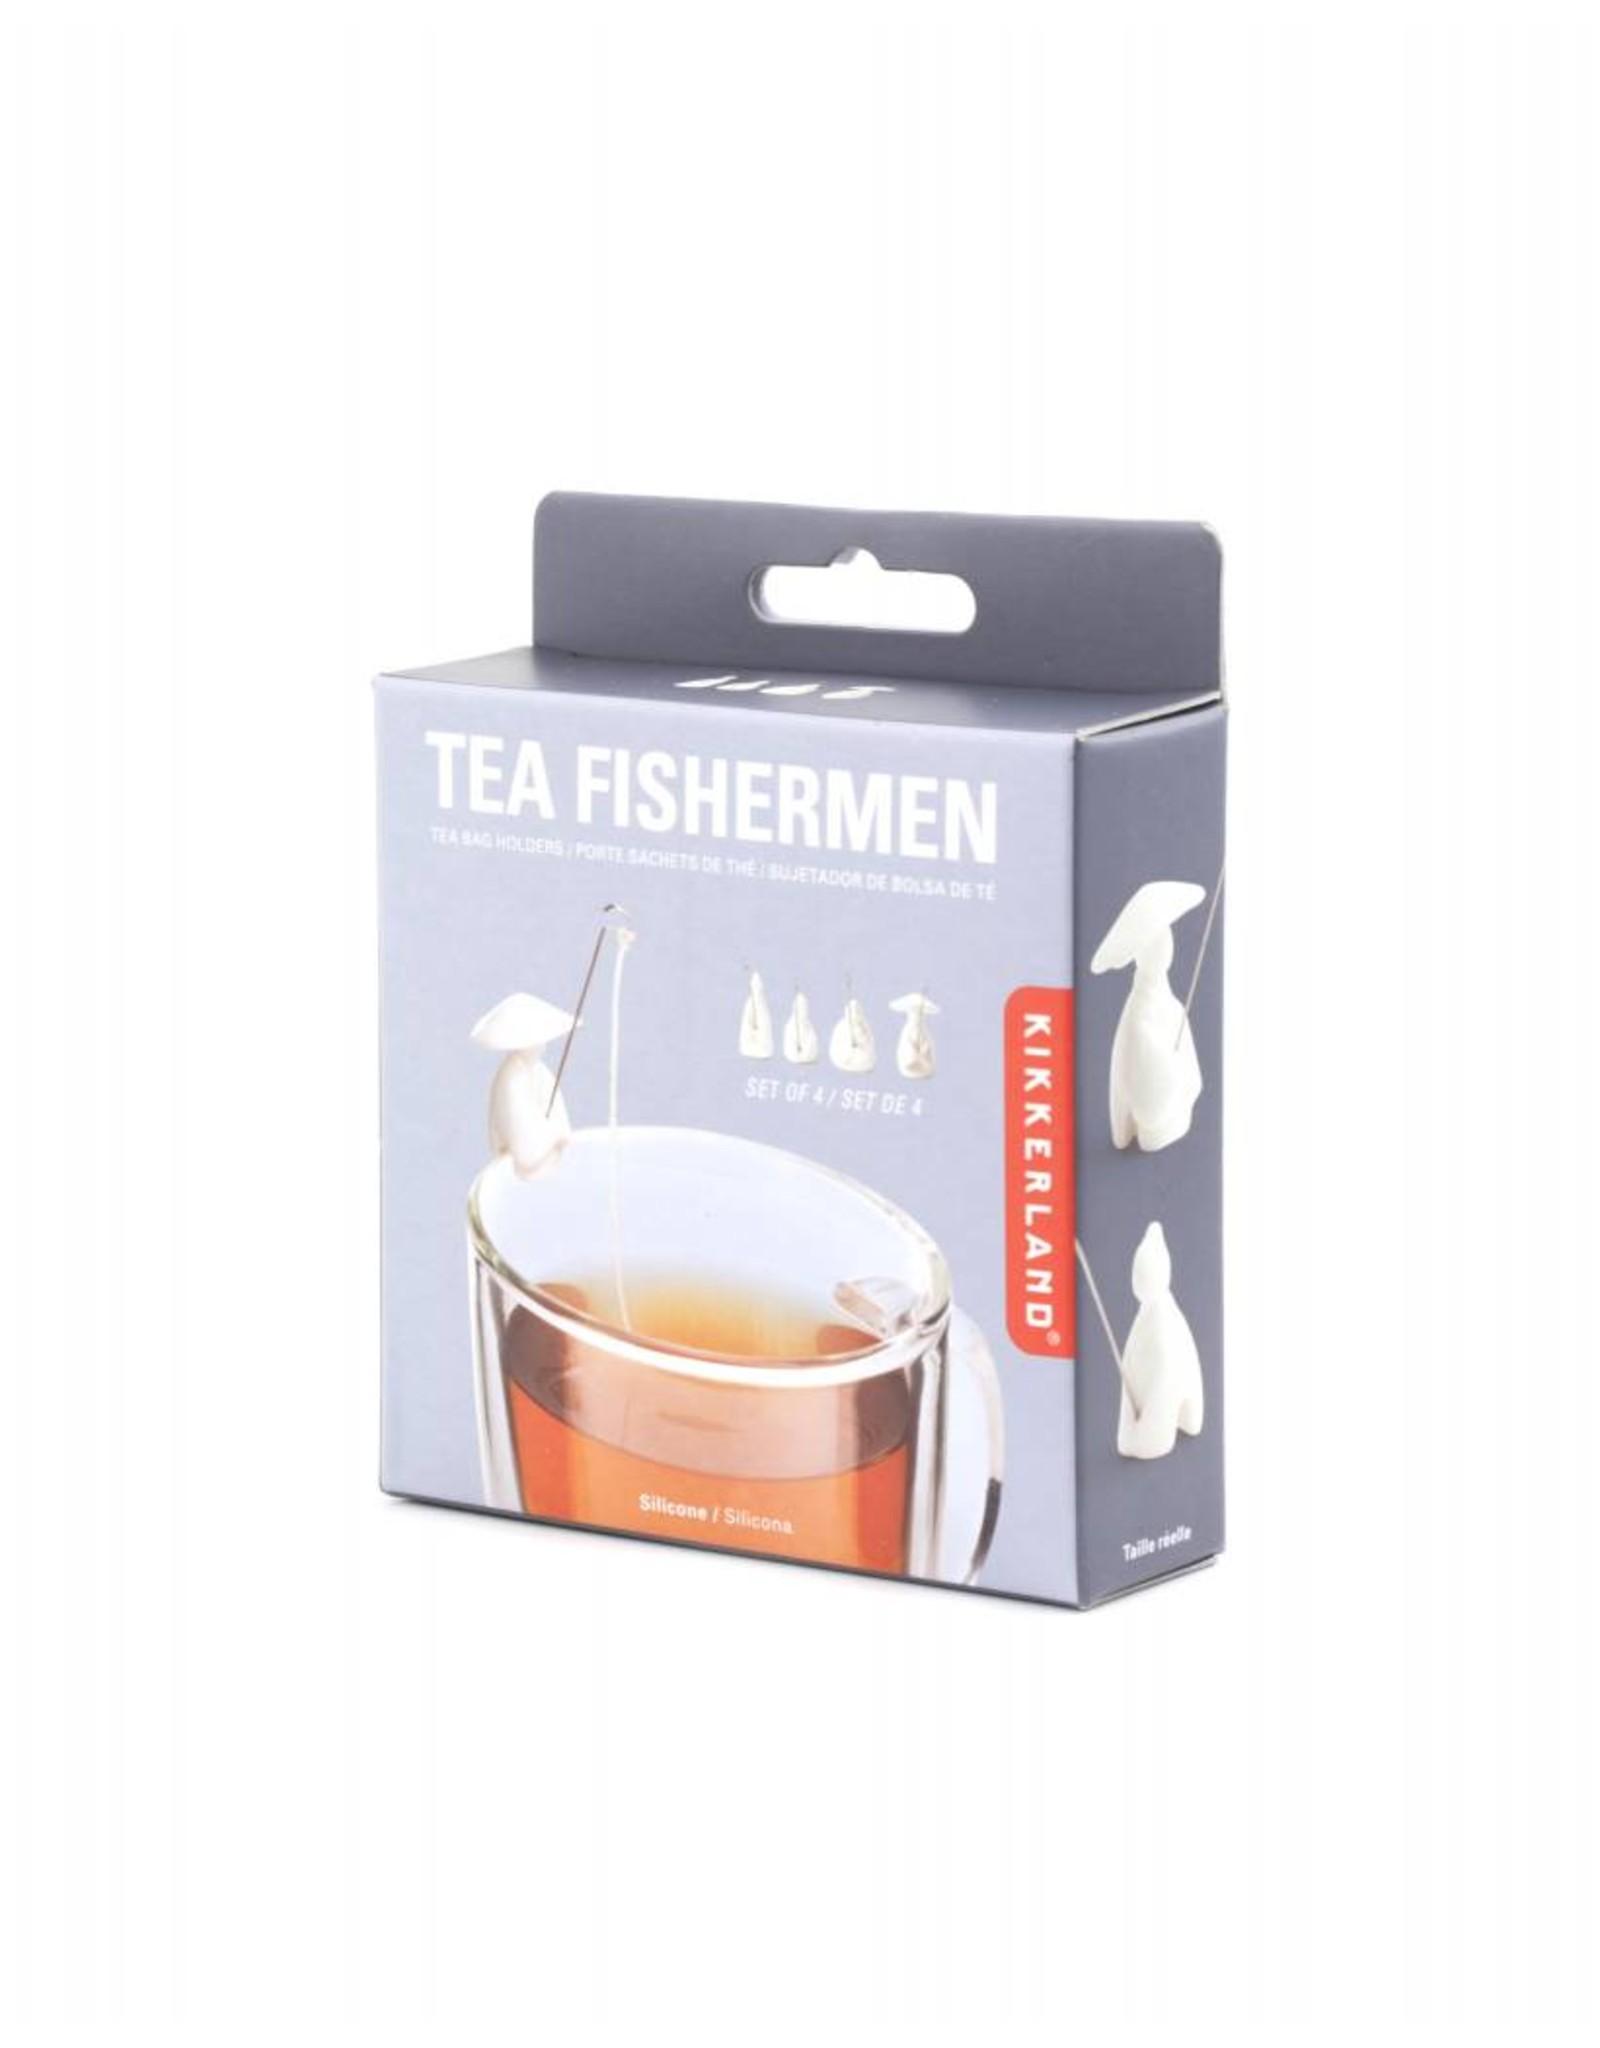 tea bag holder - fishermen